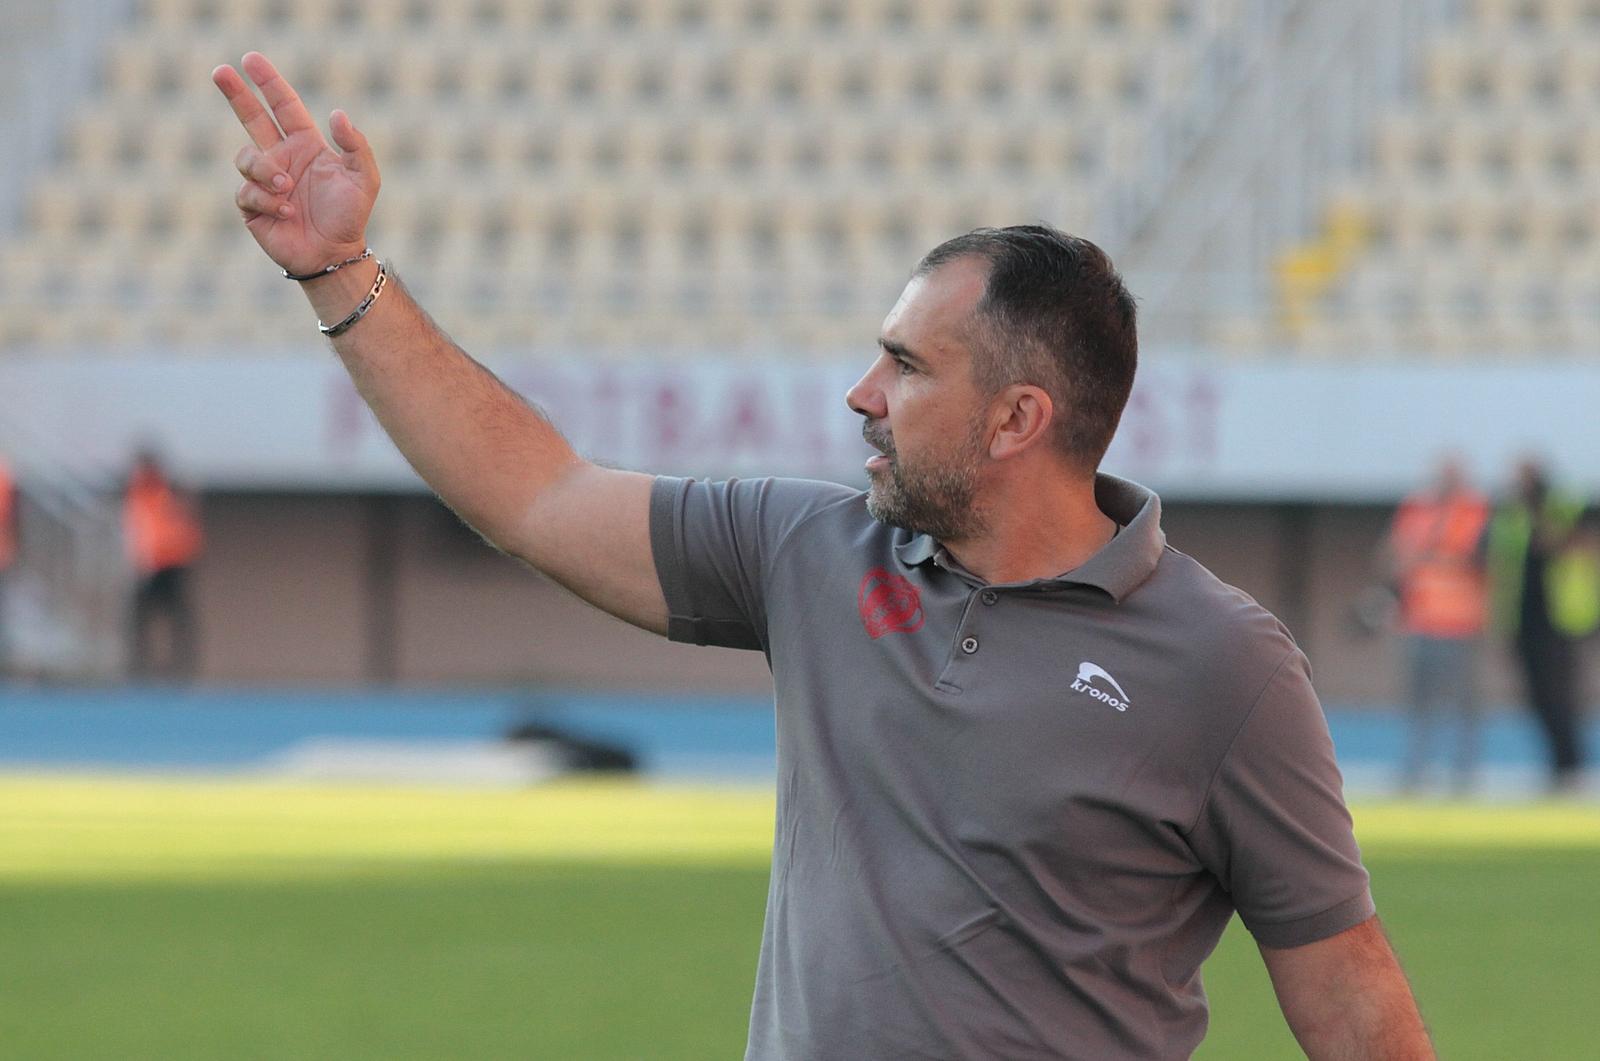 Почнува новата сезона во Првата лига: Борец ќе тестира колку е разнишан  Вардар – Екипа